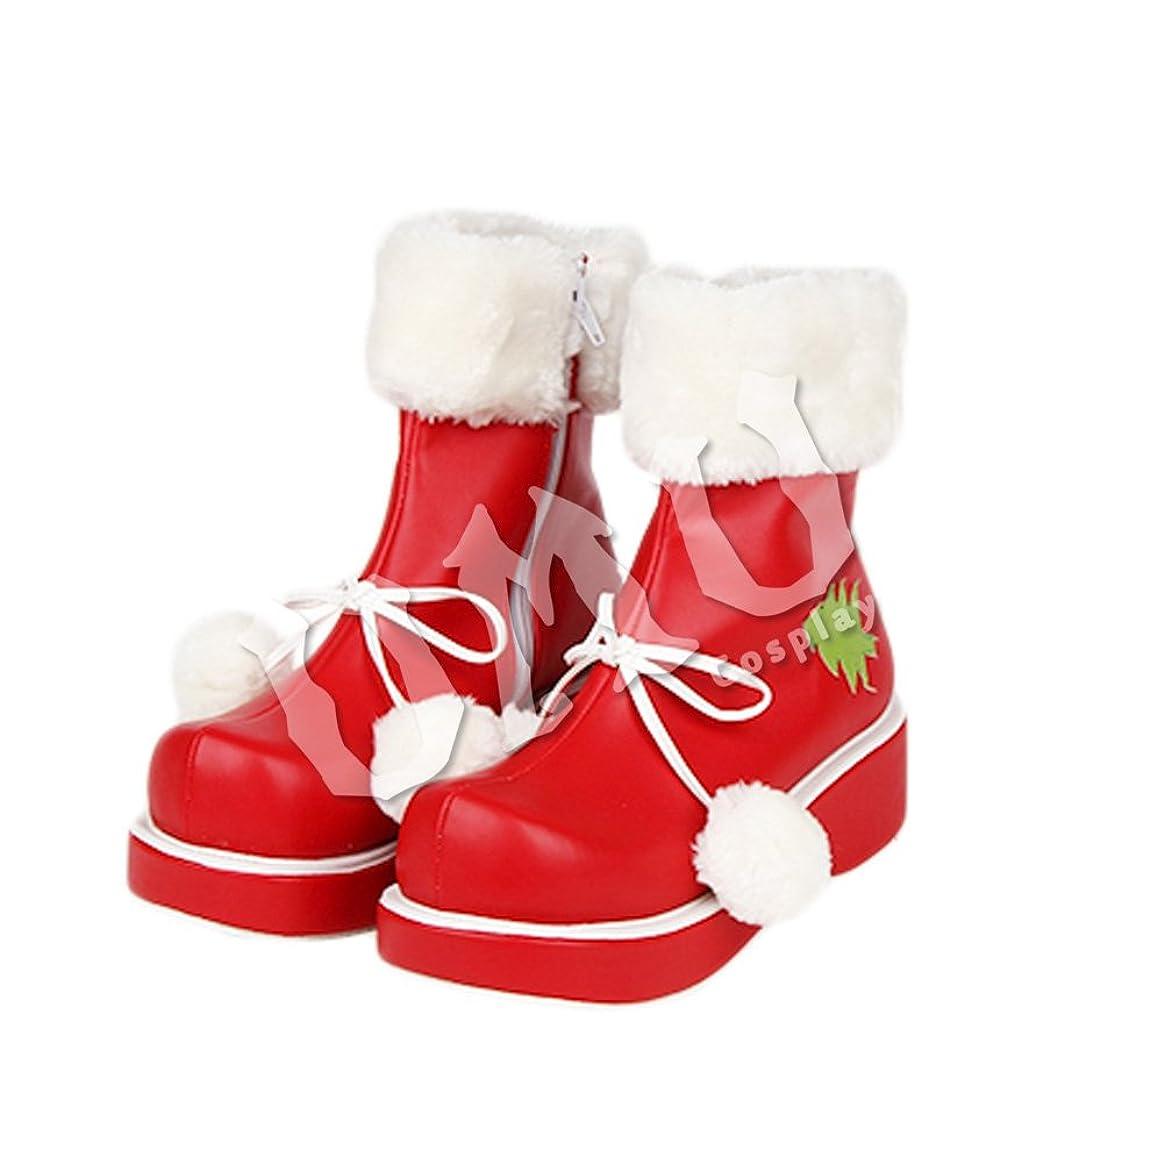 耳惨めなむき出し【UMU】 足23cm LOLITA ロリータ クリスマス 赤 緑 樹 冬 毛玉 風 靴 オーダーメイド(ヒール高、材質、靴色は変更可能!)